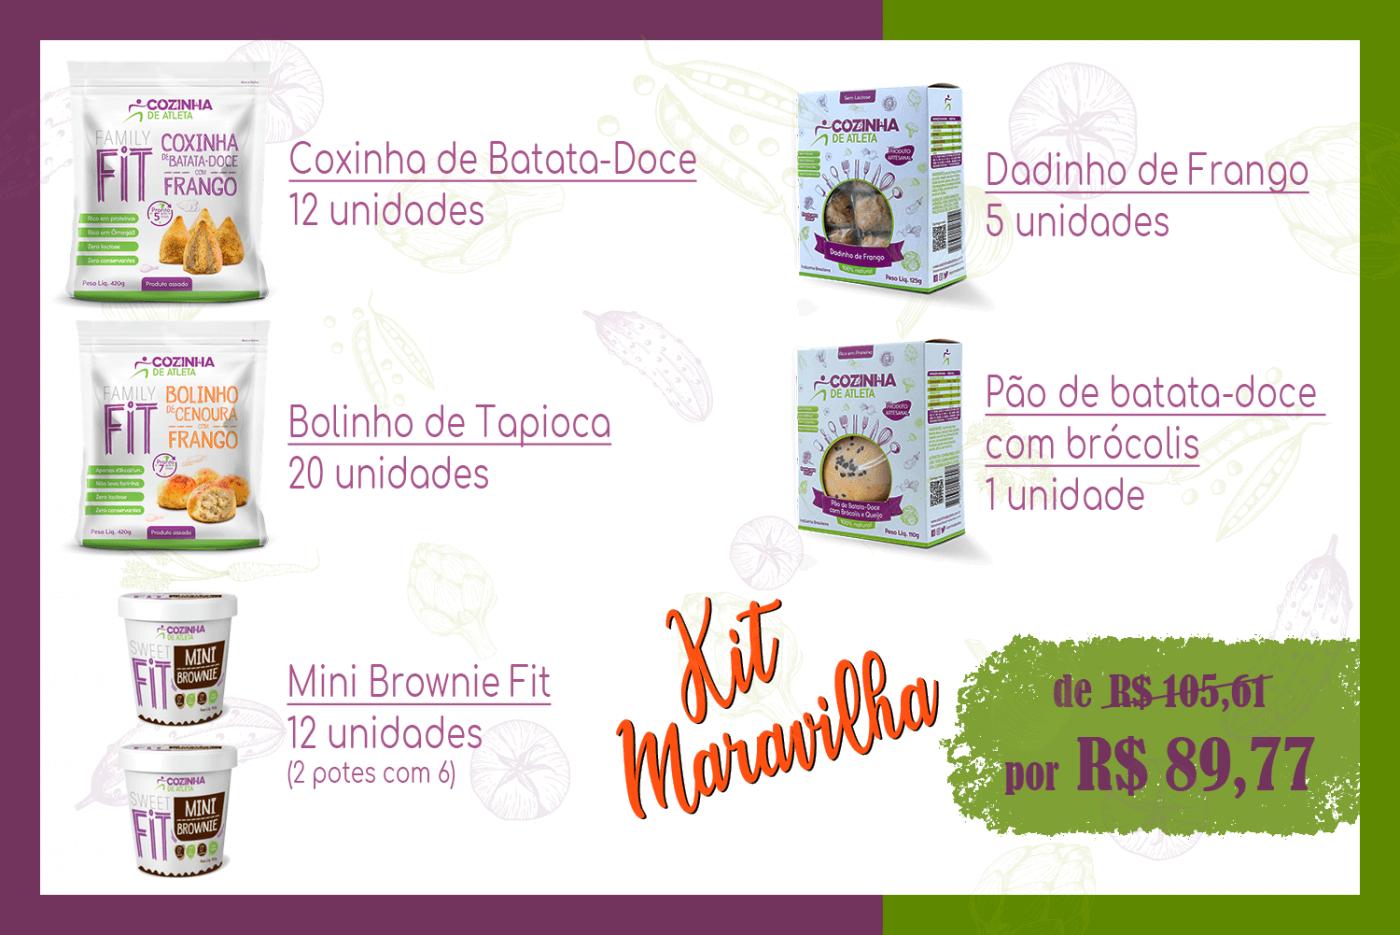 Kit Maravilha